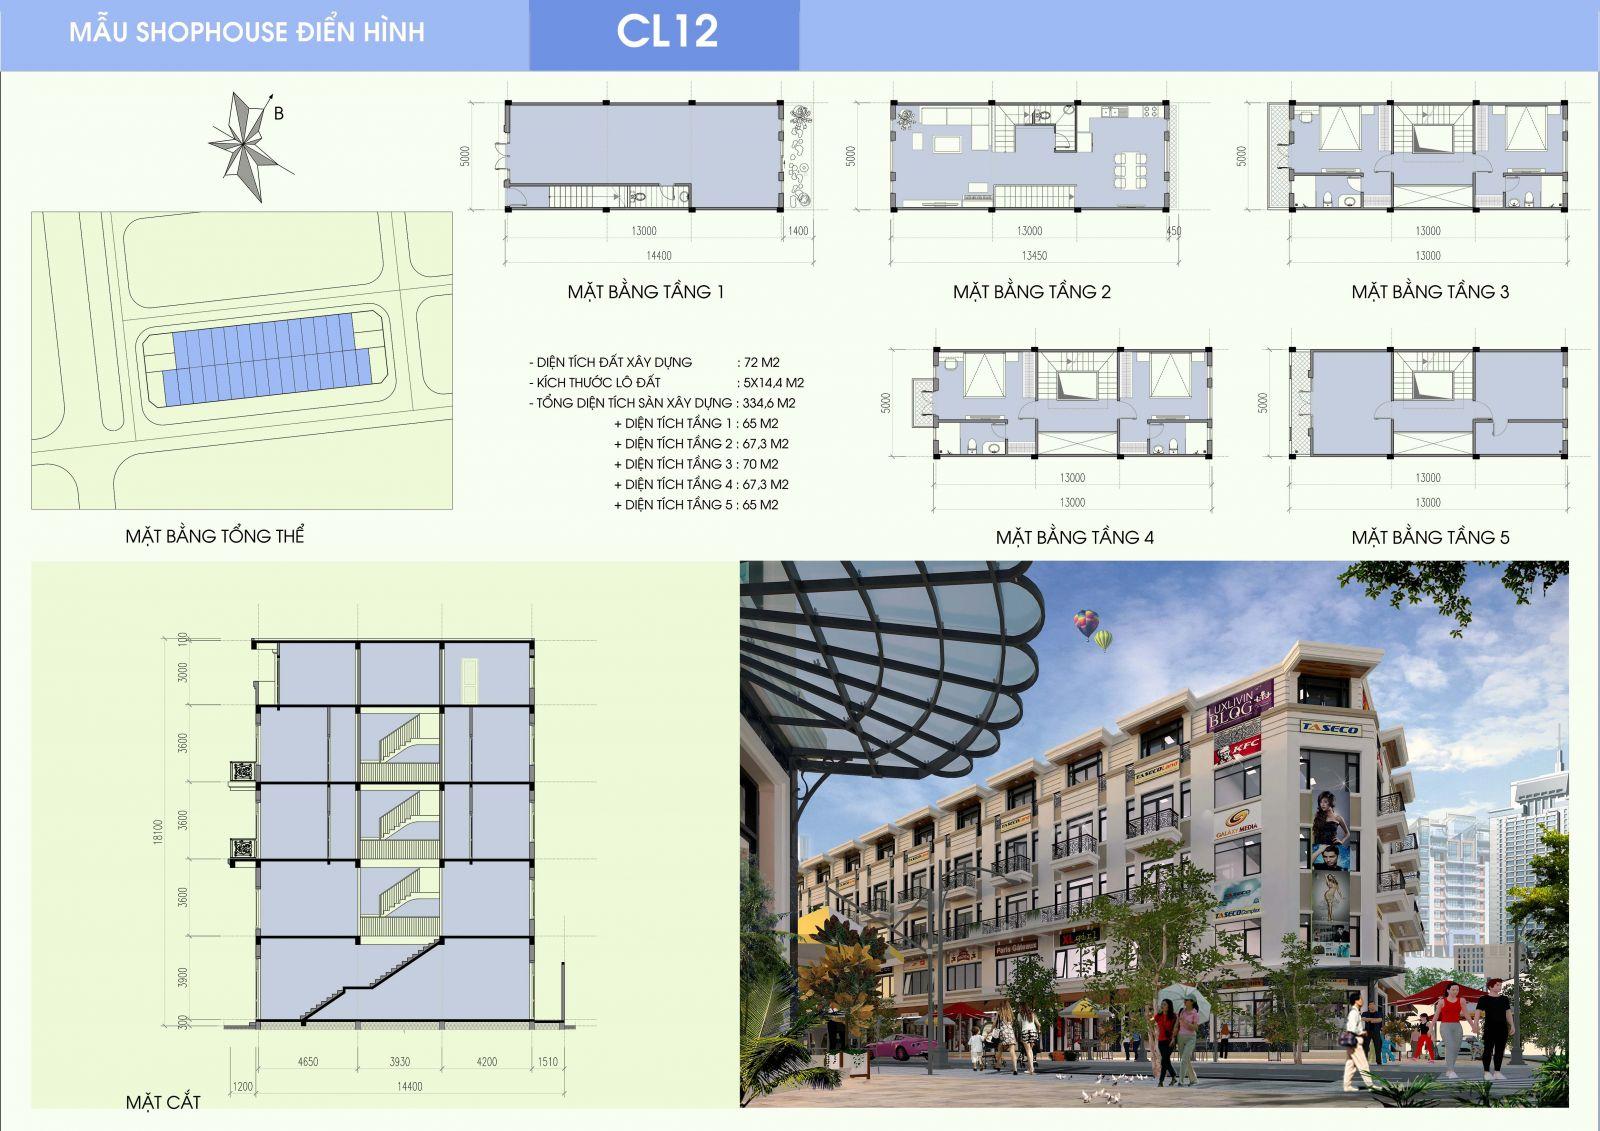 Khái quát về khu Shophouse Nam Định - Công ty Cổ phần Dịch vụ Hàng không Thăng Long